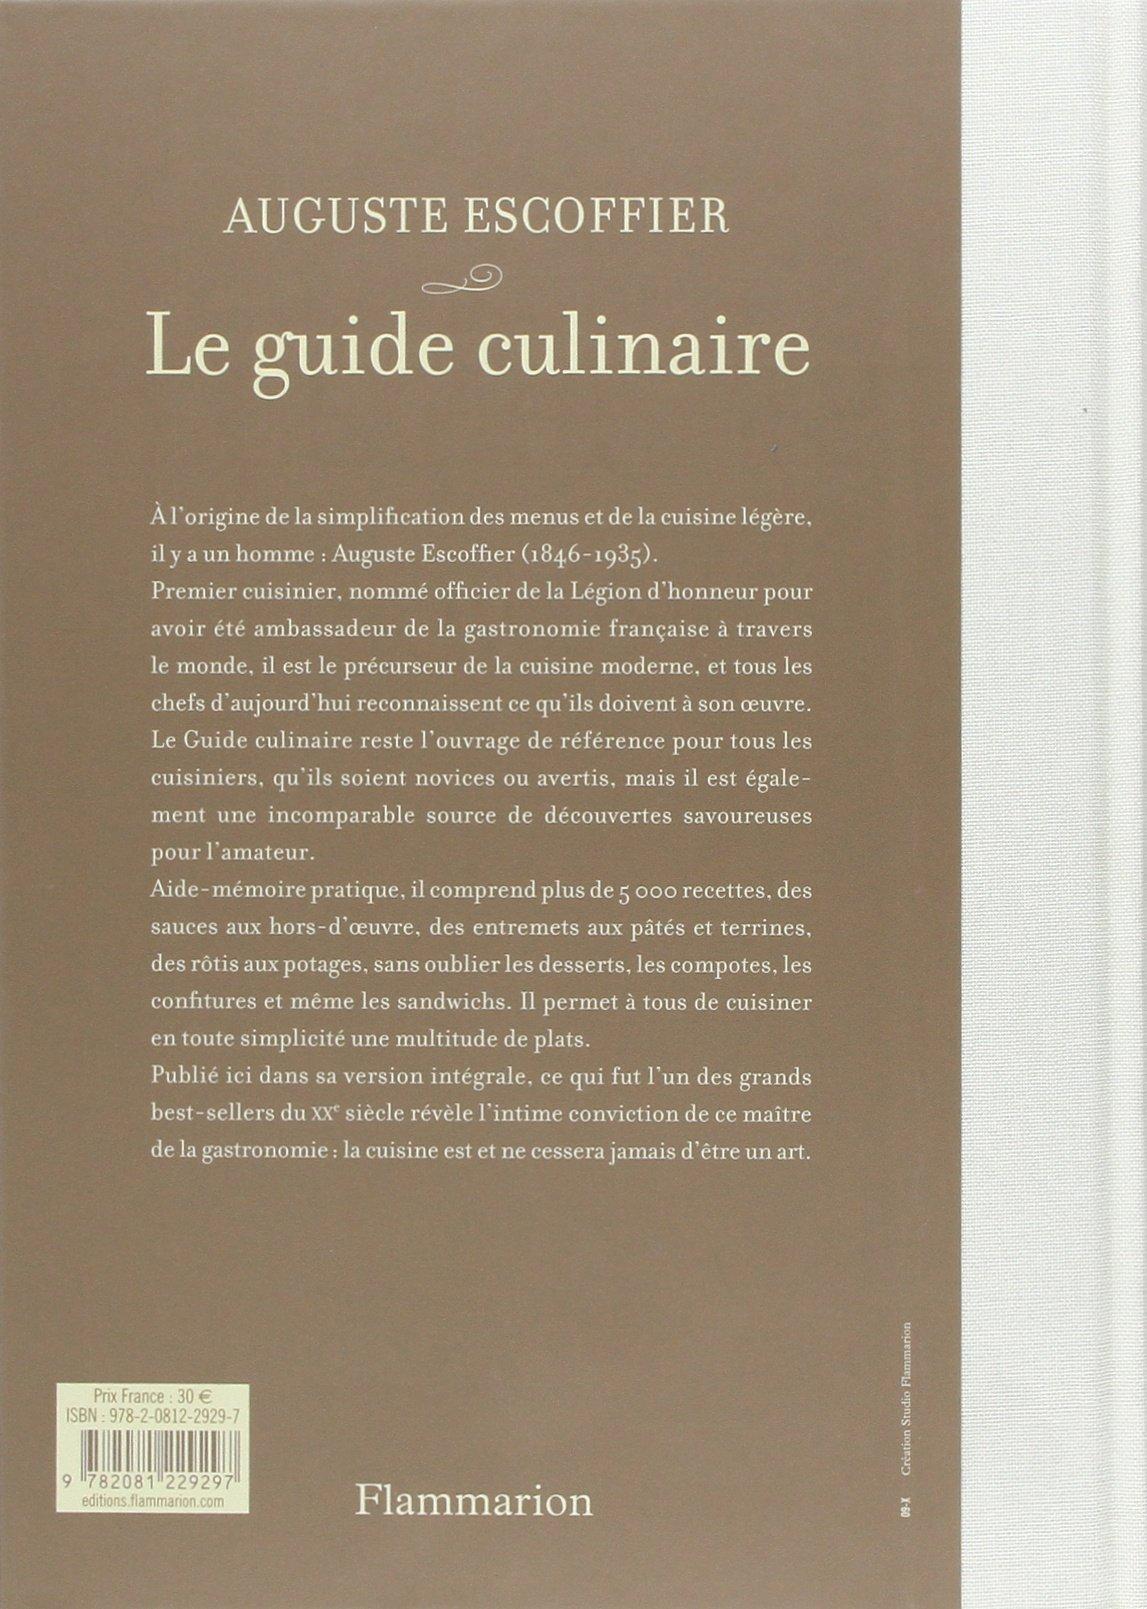 escoffier le guide culinaire aide memoire de cuisine pratique rh amazon com escoffier le guide culinaire pdf download escoffier le guide culinaire flammarion